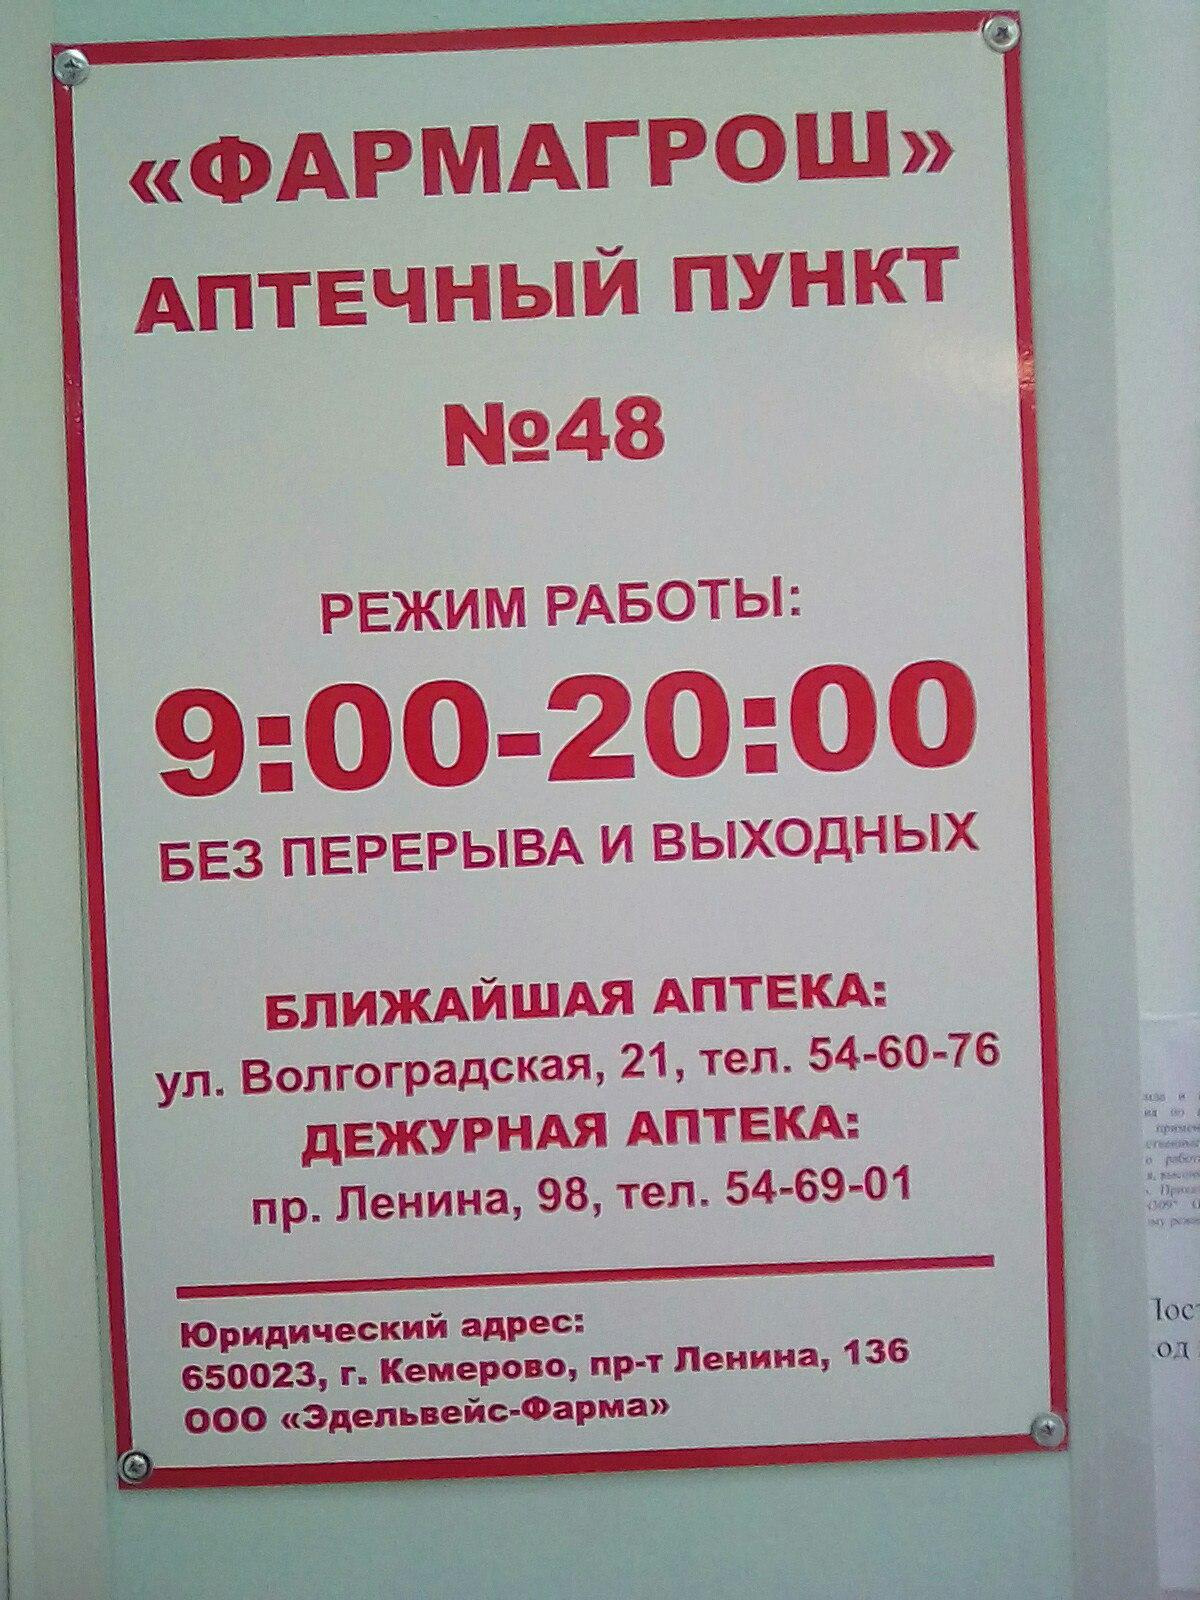 Сервис поиска лекарств в аптеках россии